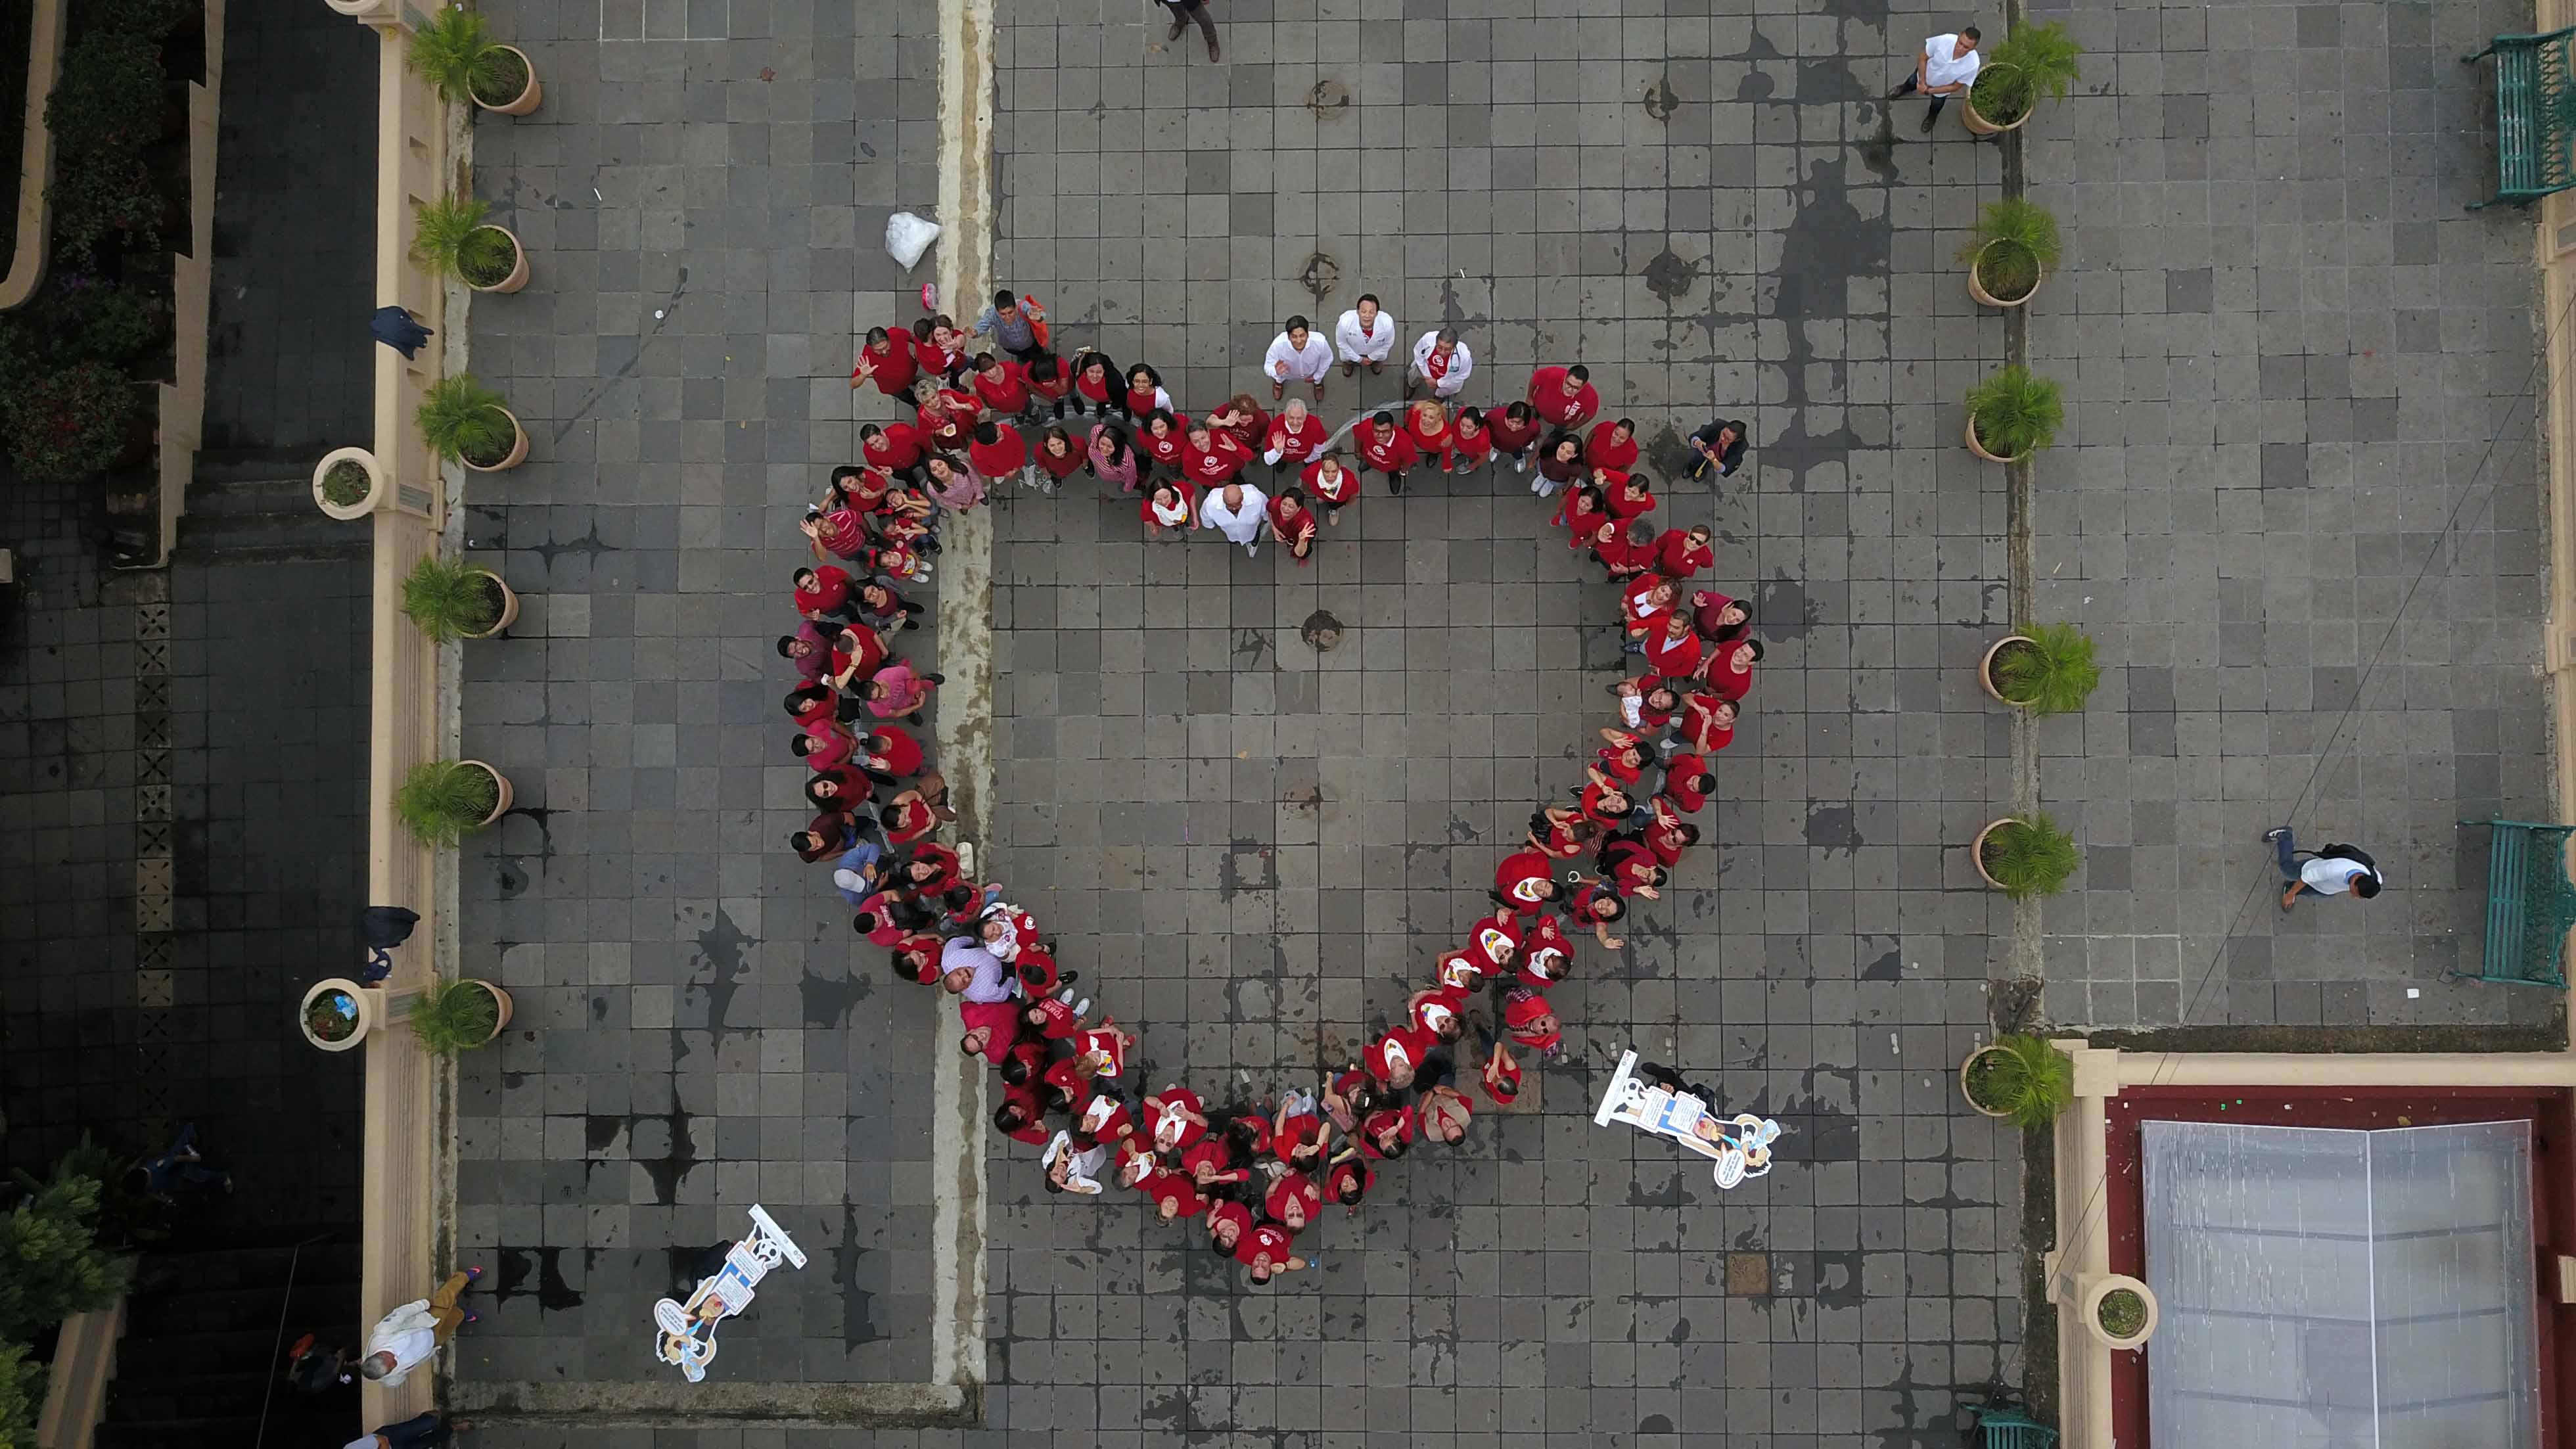 Con adquisición de desfibriladores, Xalapa se convierten en ciudad